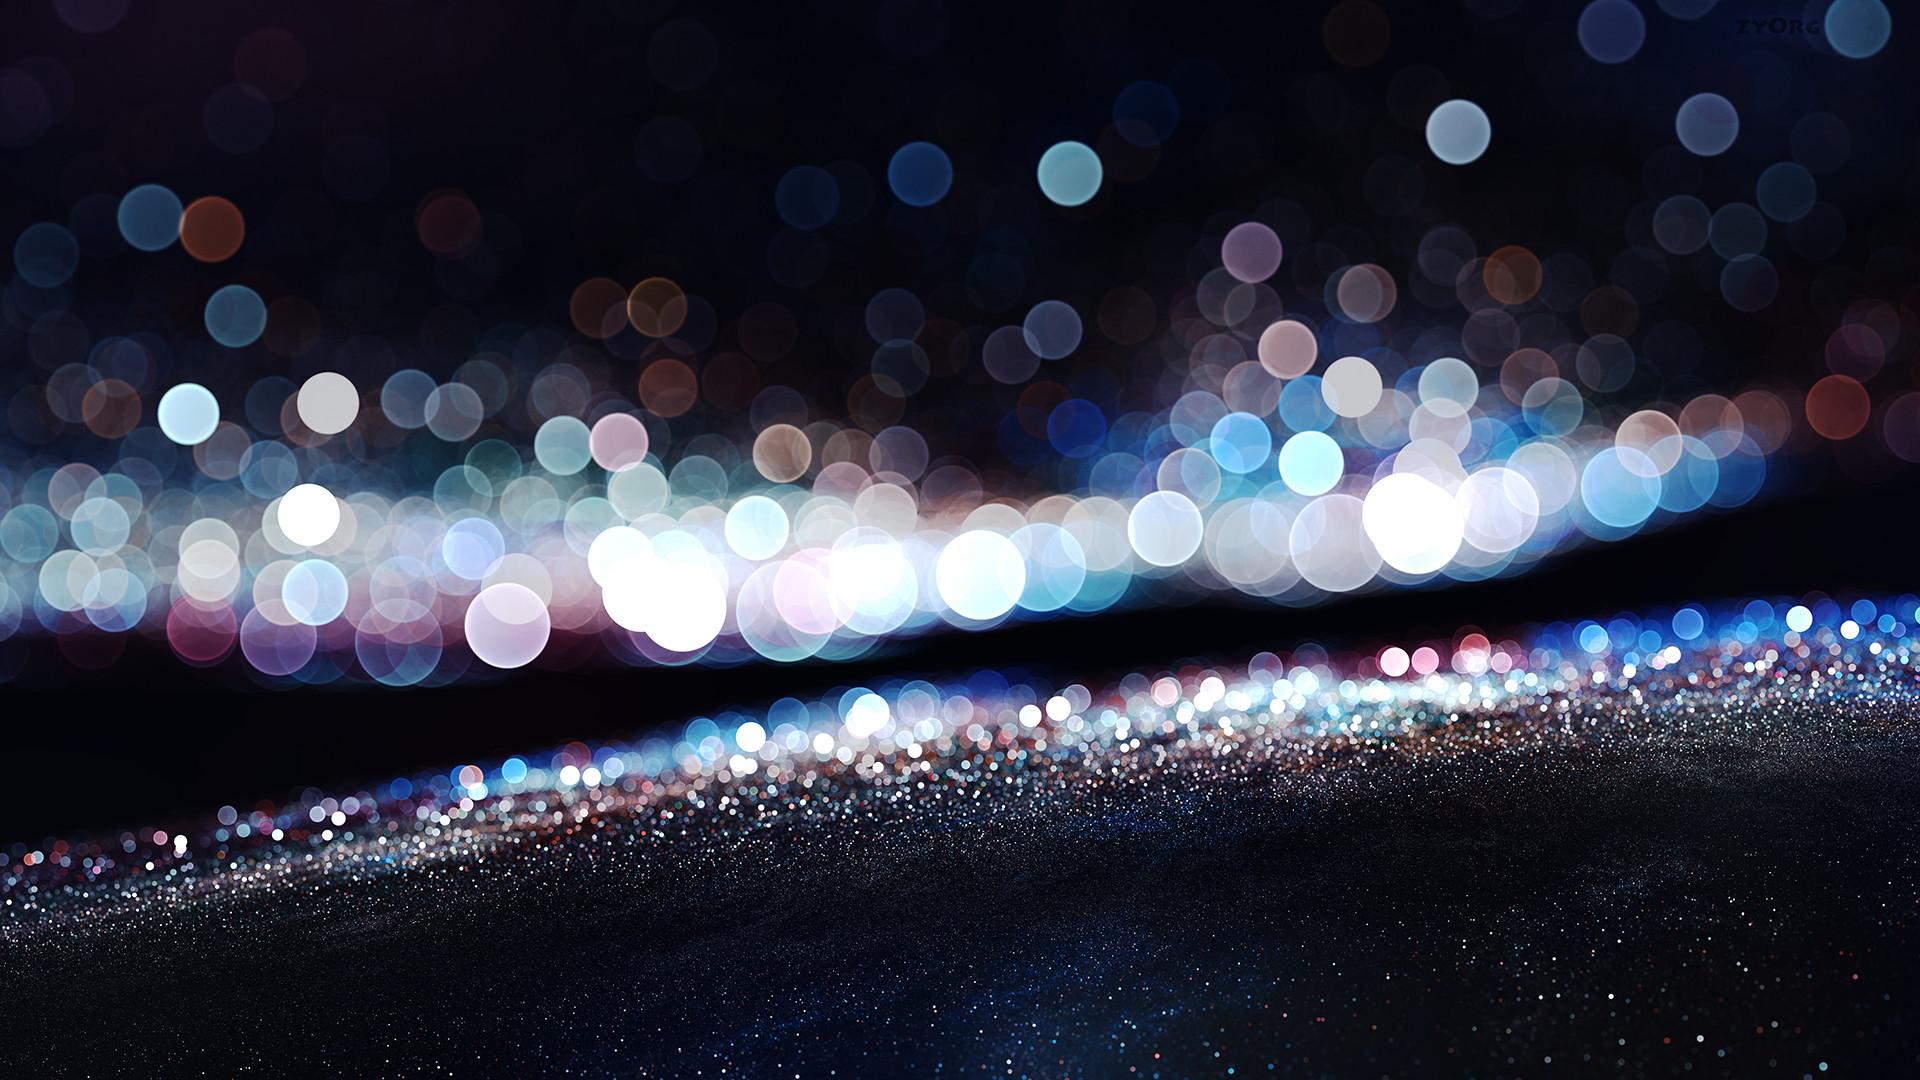 City Lights by zy0rg City Lights by zy0rg